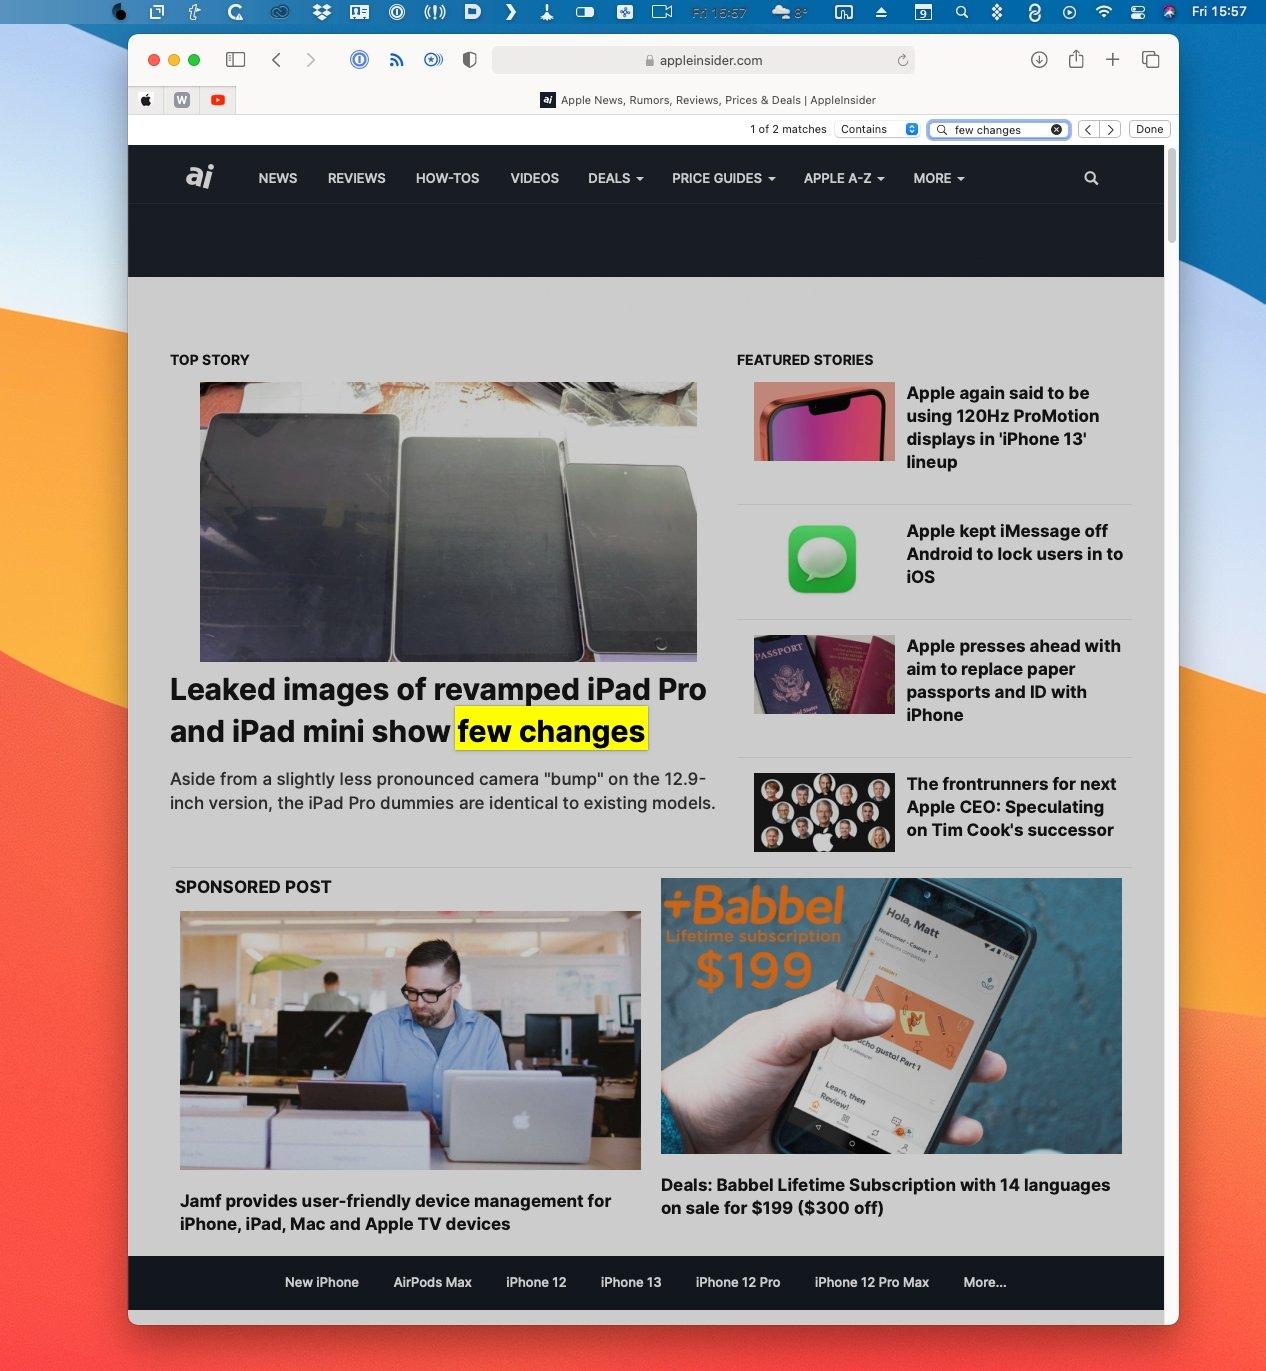 Он находится в другом месте на Mac, но Safari для macOS имеет ту же функцию поиска.